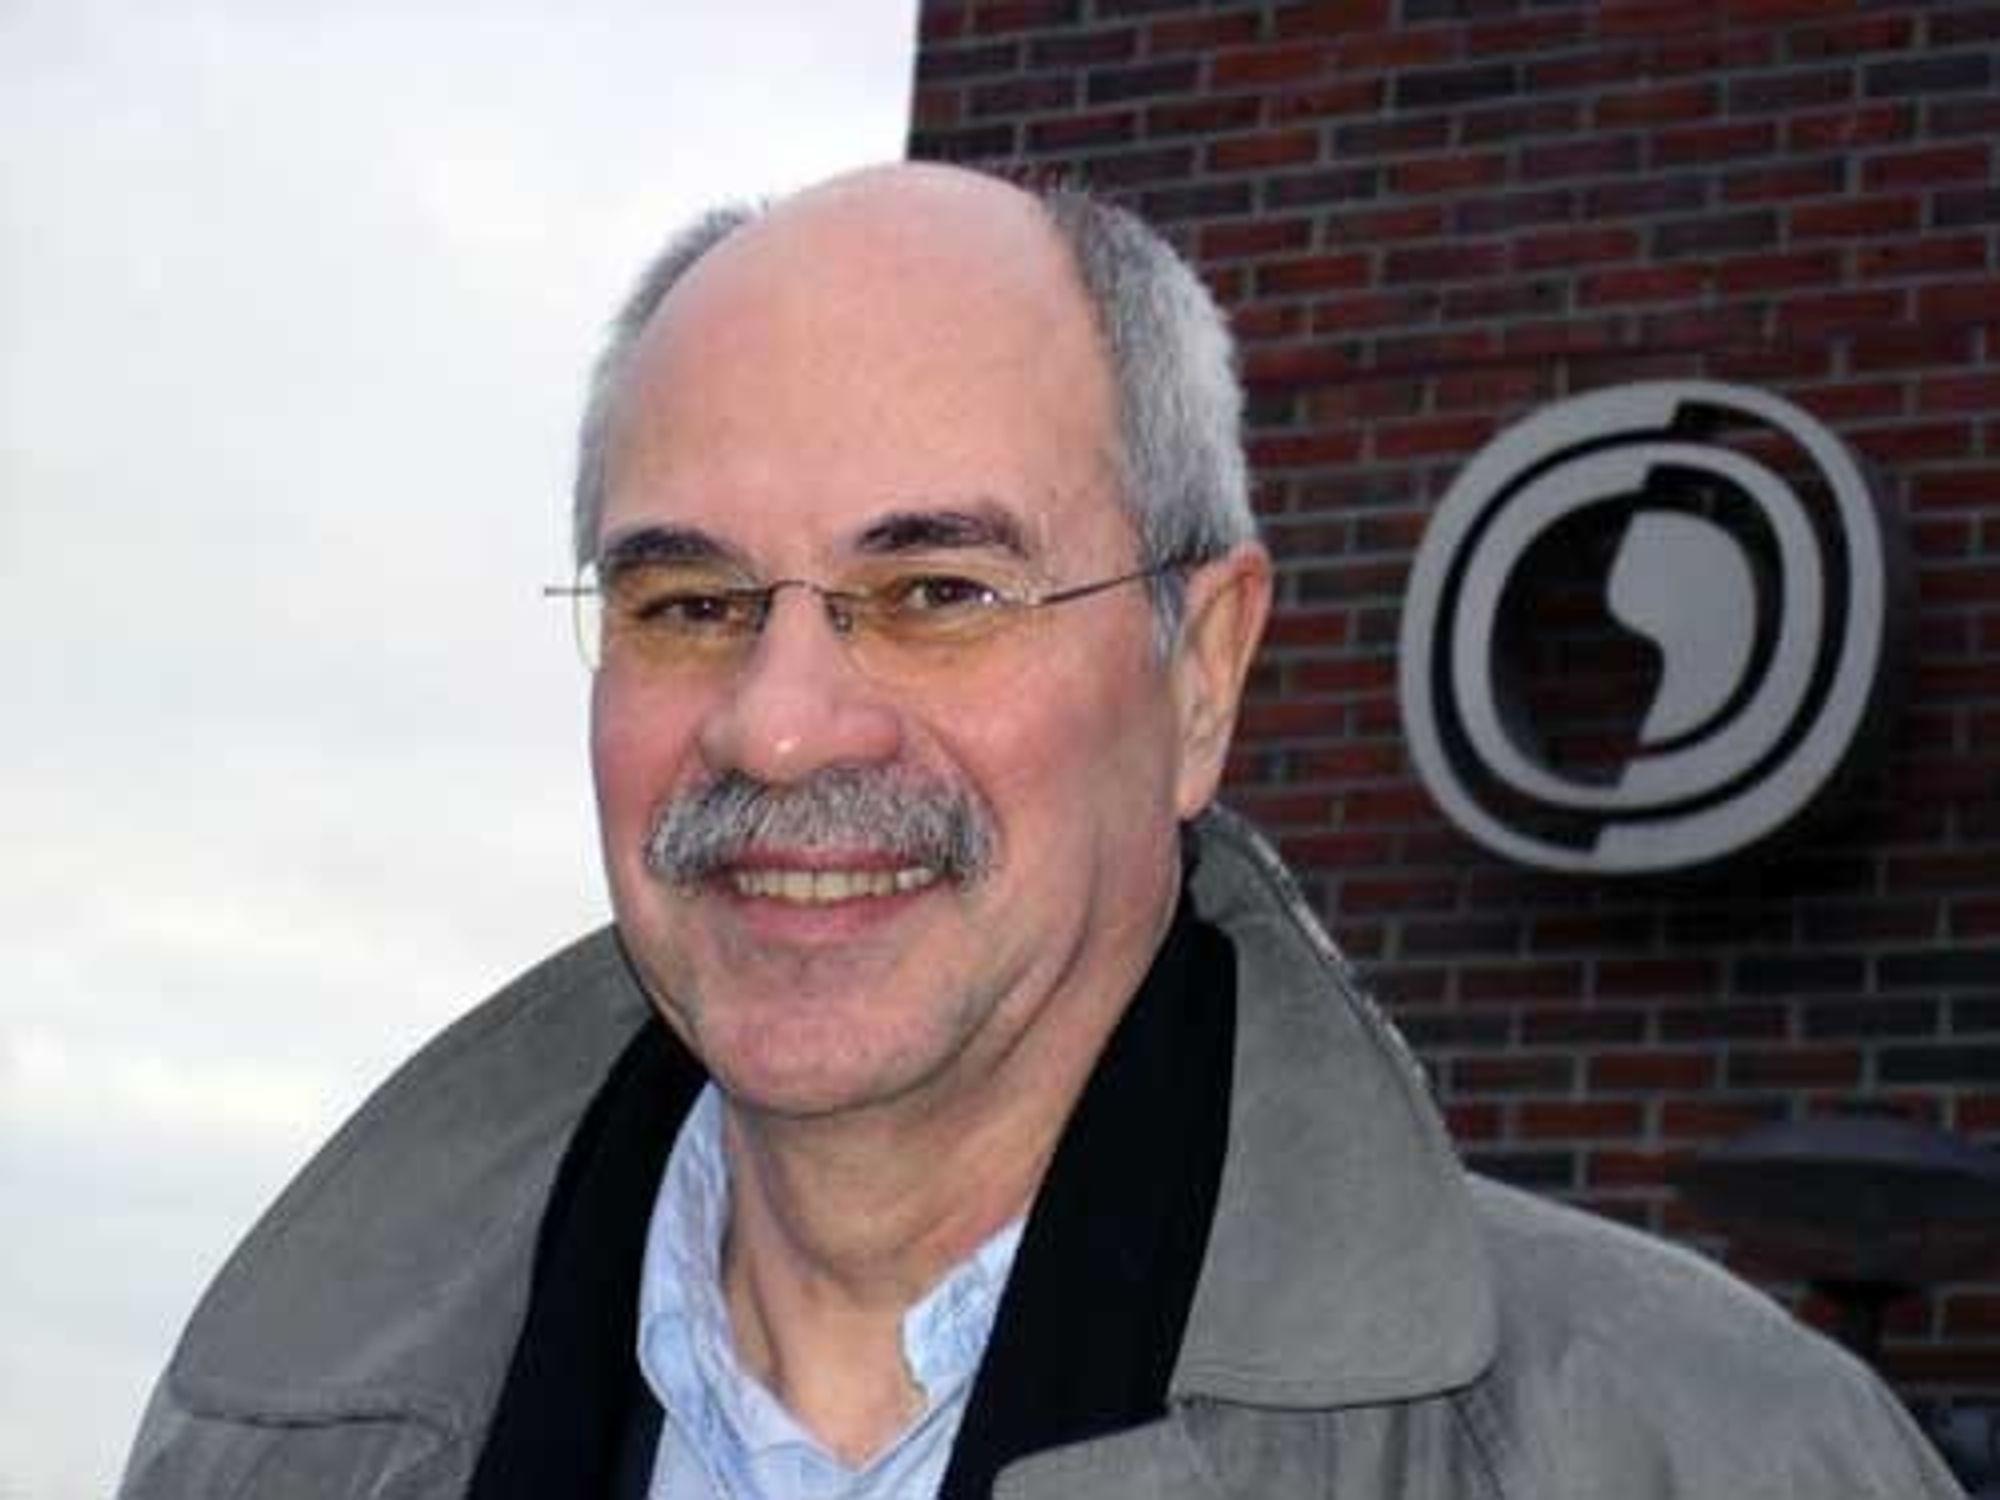 Professor Bjørn Svensvik har fått den krevende oppgaven å lede norsk byggforskning de neste årene.